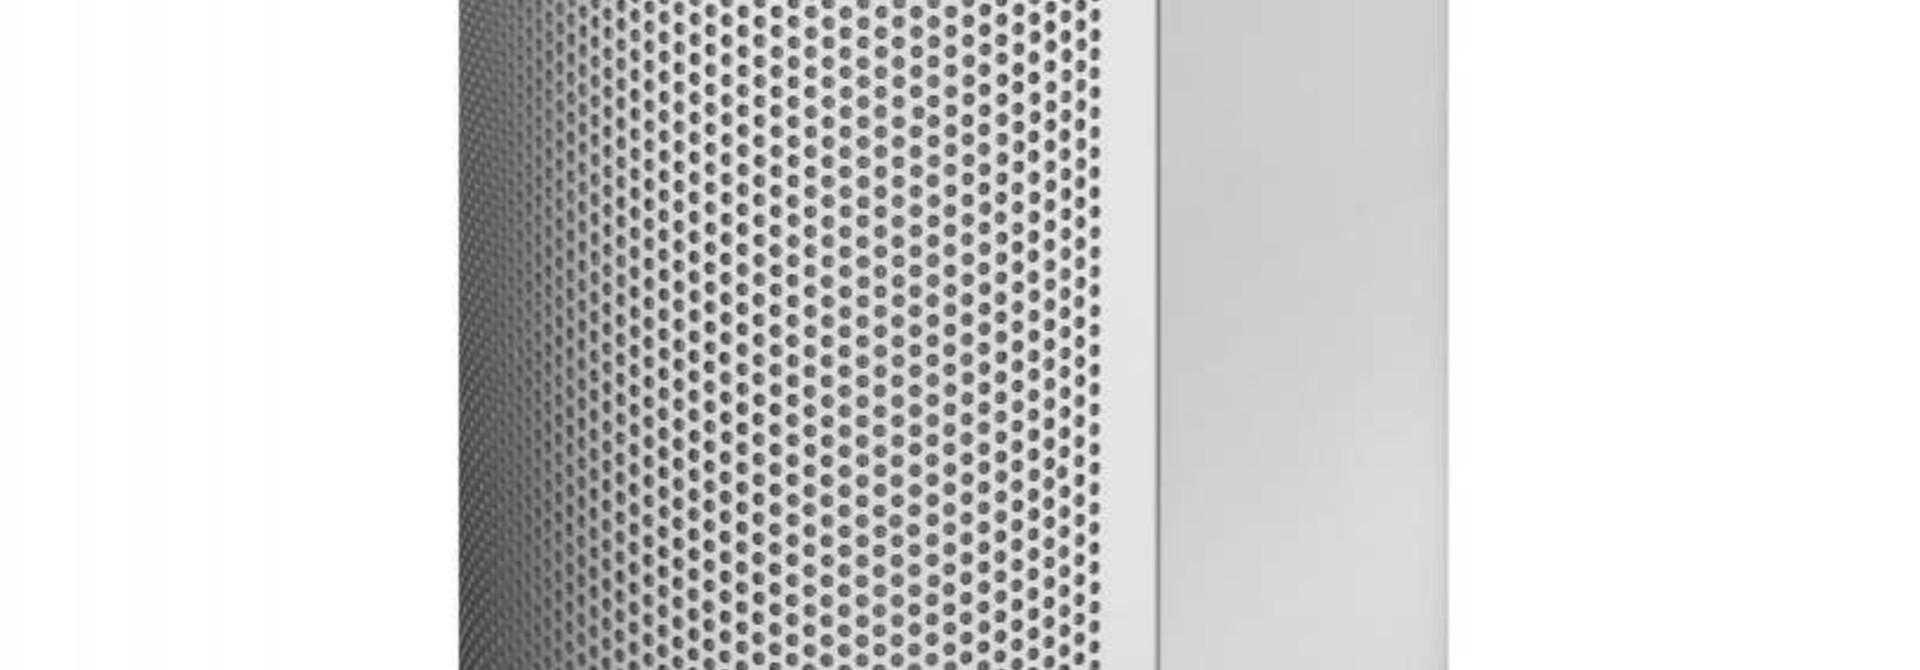 Aluminium Grill Beoplay M3